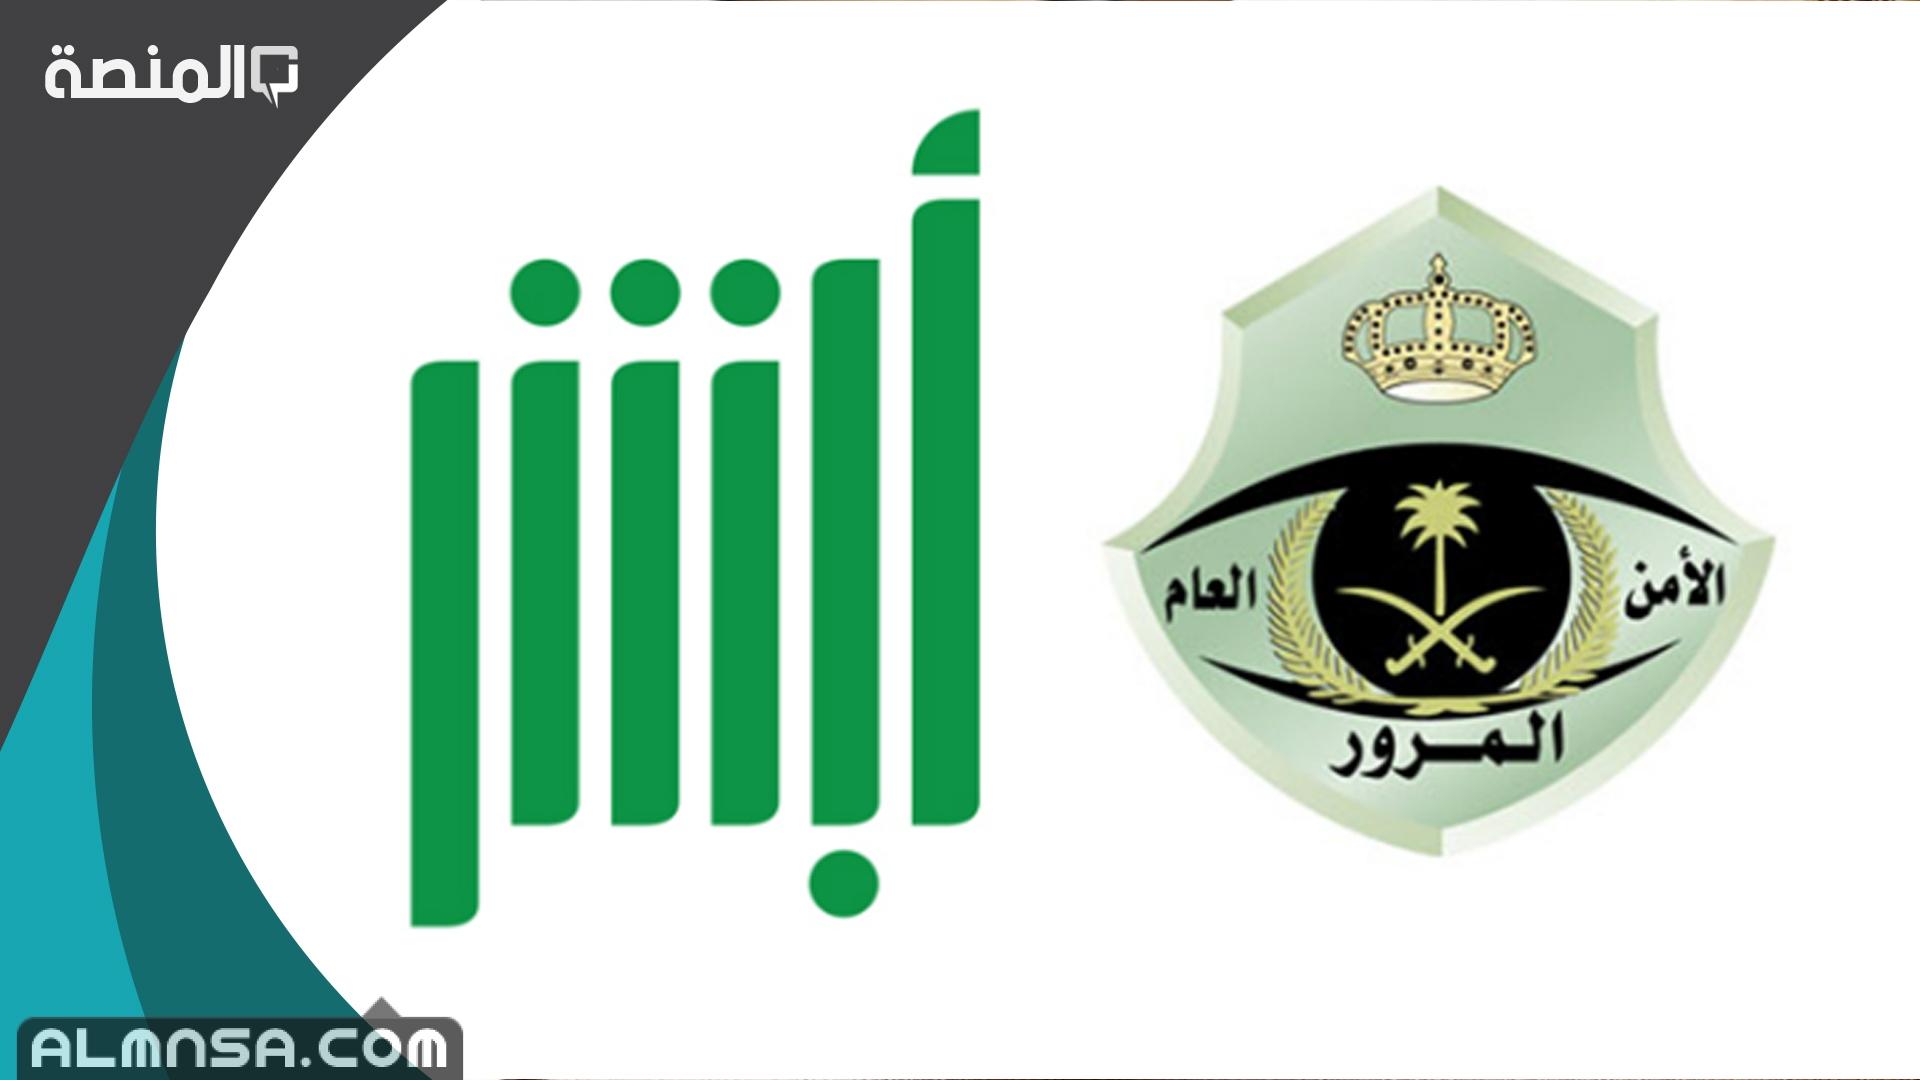 مواعيد دوام المرور في رمضان السعودية المنصة